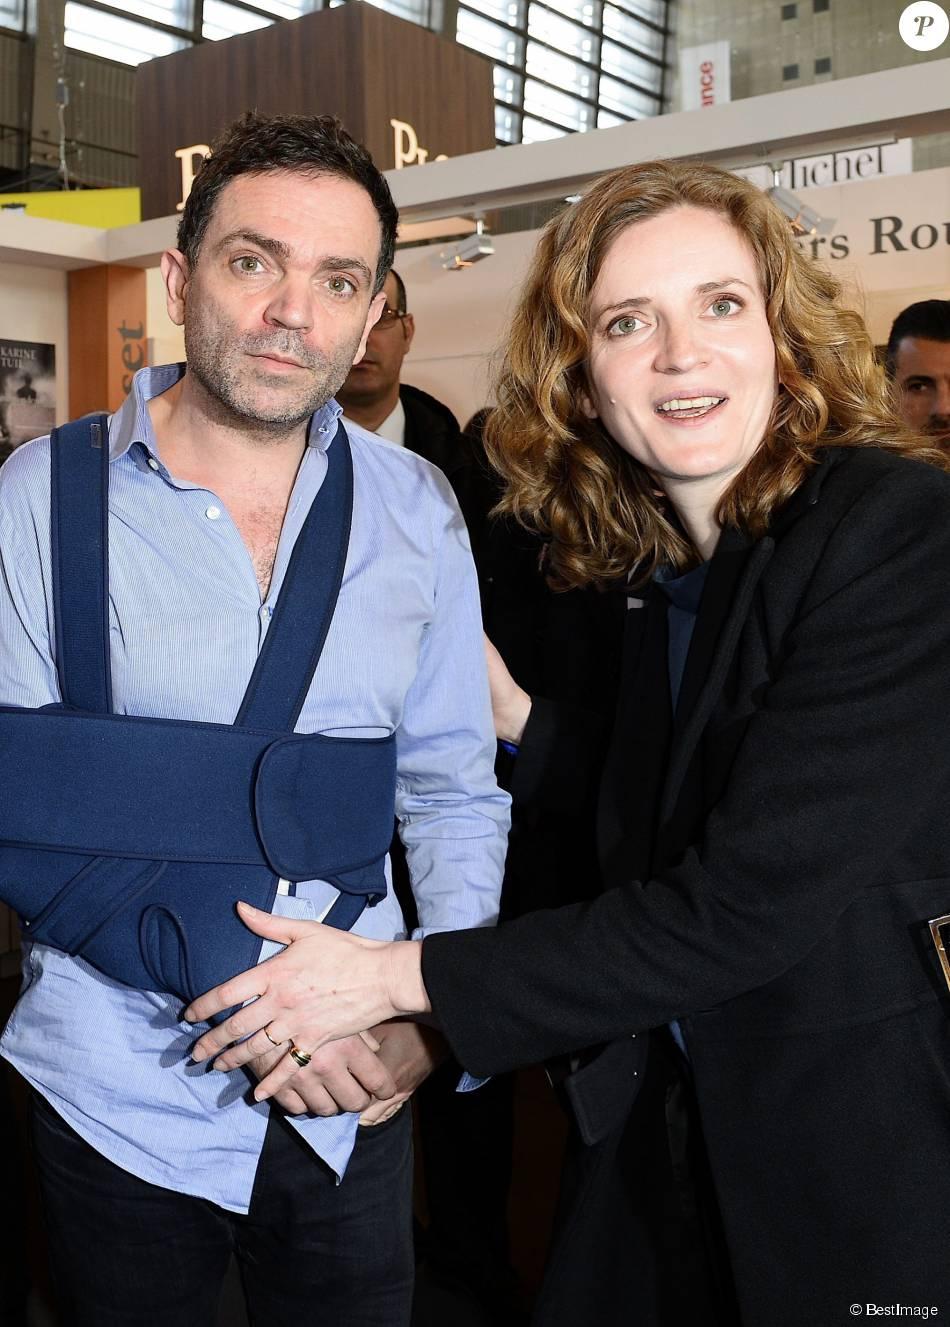 Yann moix et nathalie kosciusko morizet 34e dition du for Salon porte de versailles 2014